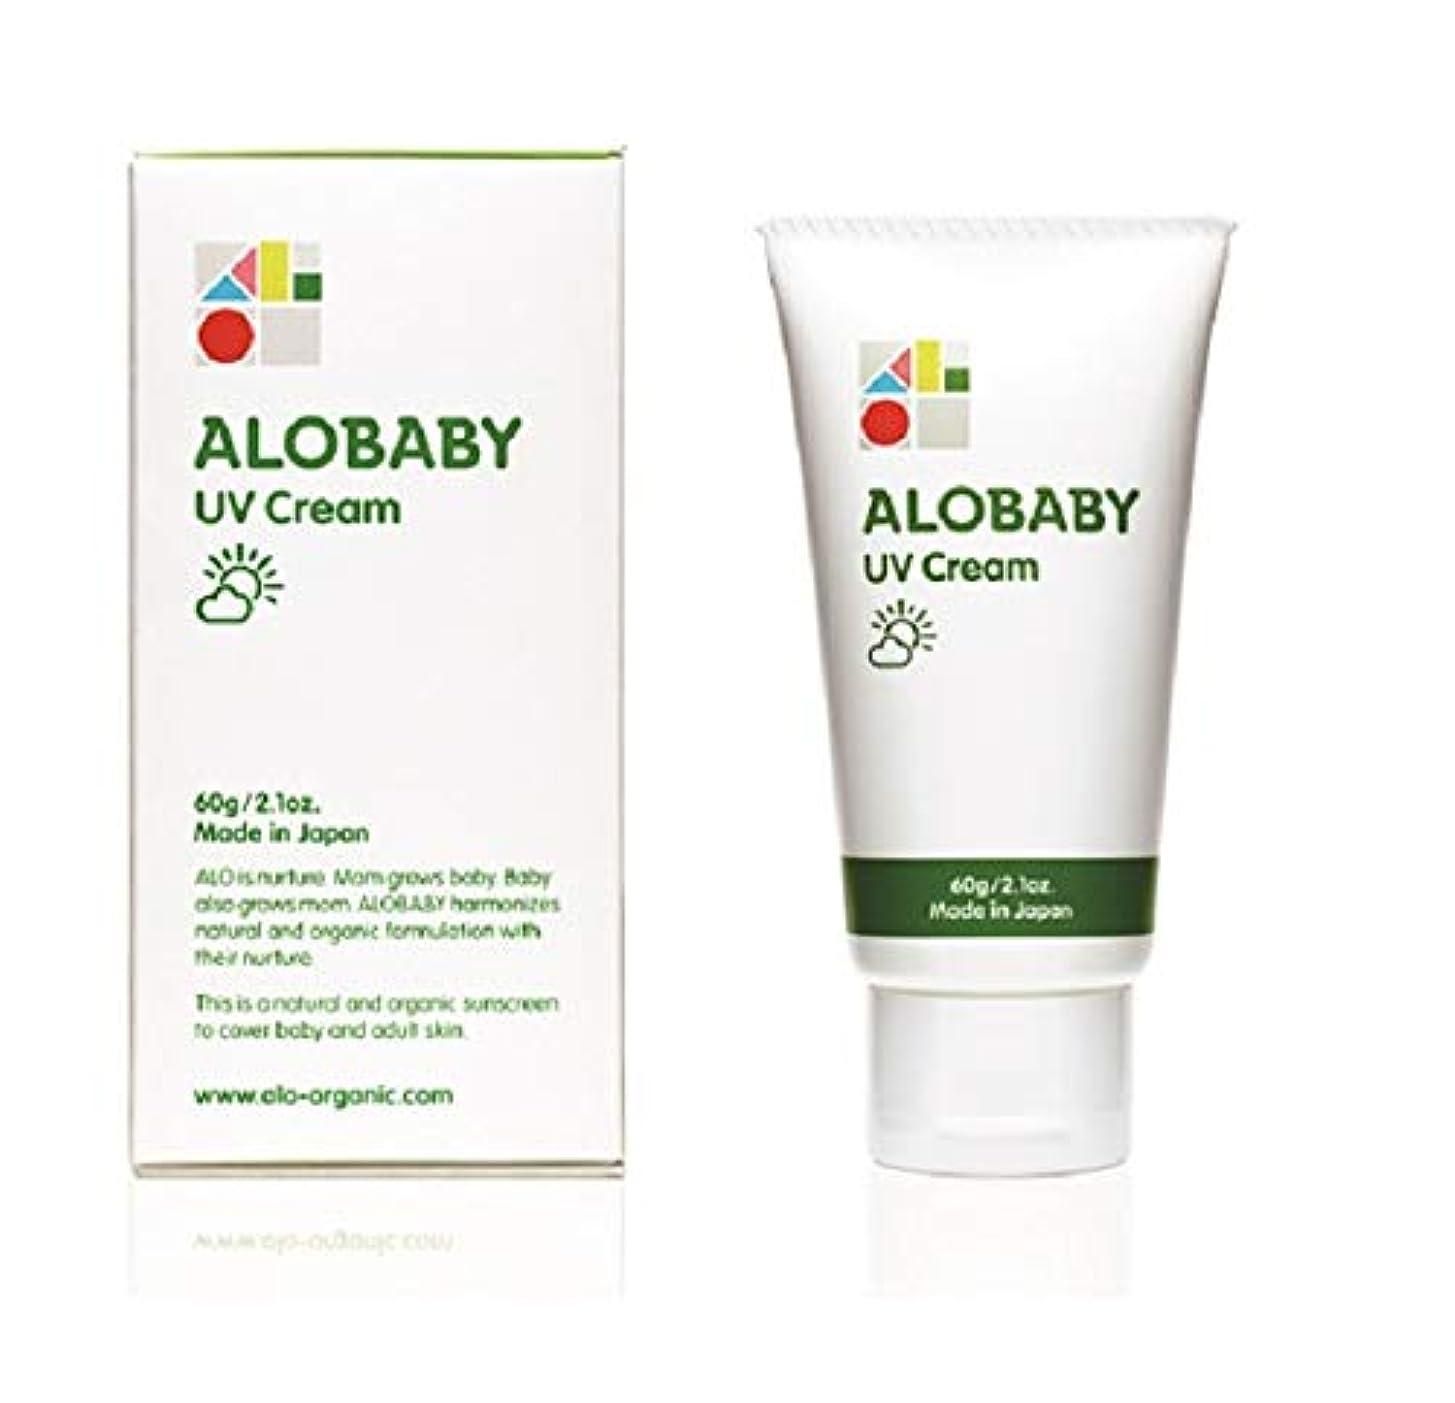 ラッチサミットジョセフバンクスアロベビー UVクリーム 60g (1本) 赤ちゃん こども用 日焼け止め 紫外線吸収剤不使用 無添加 オーガニック alobaby